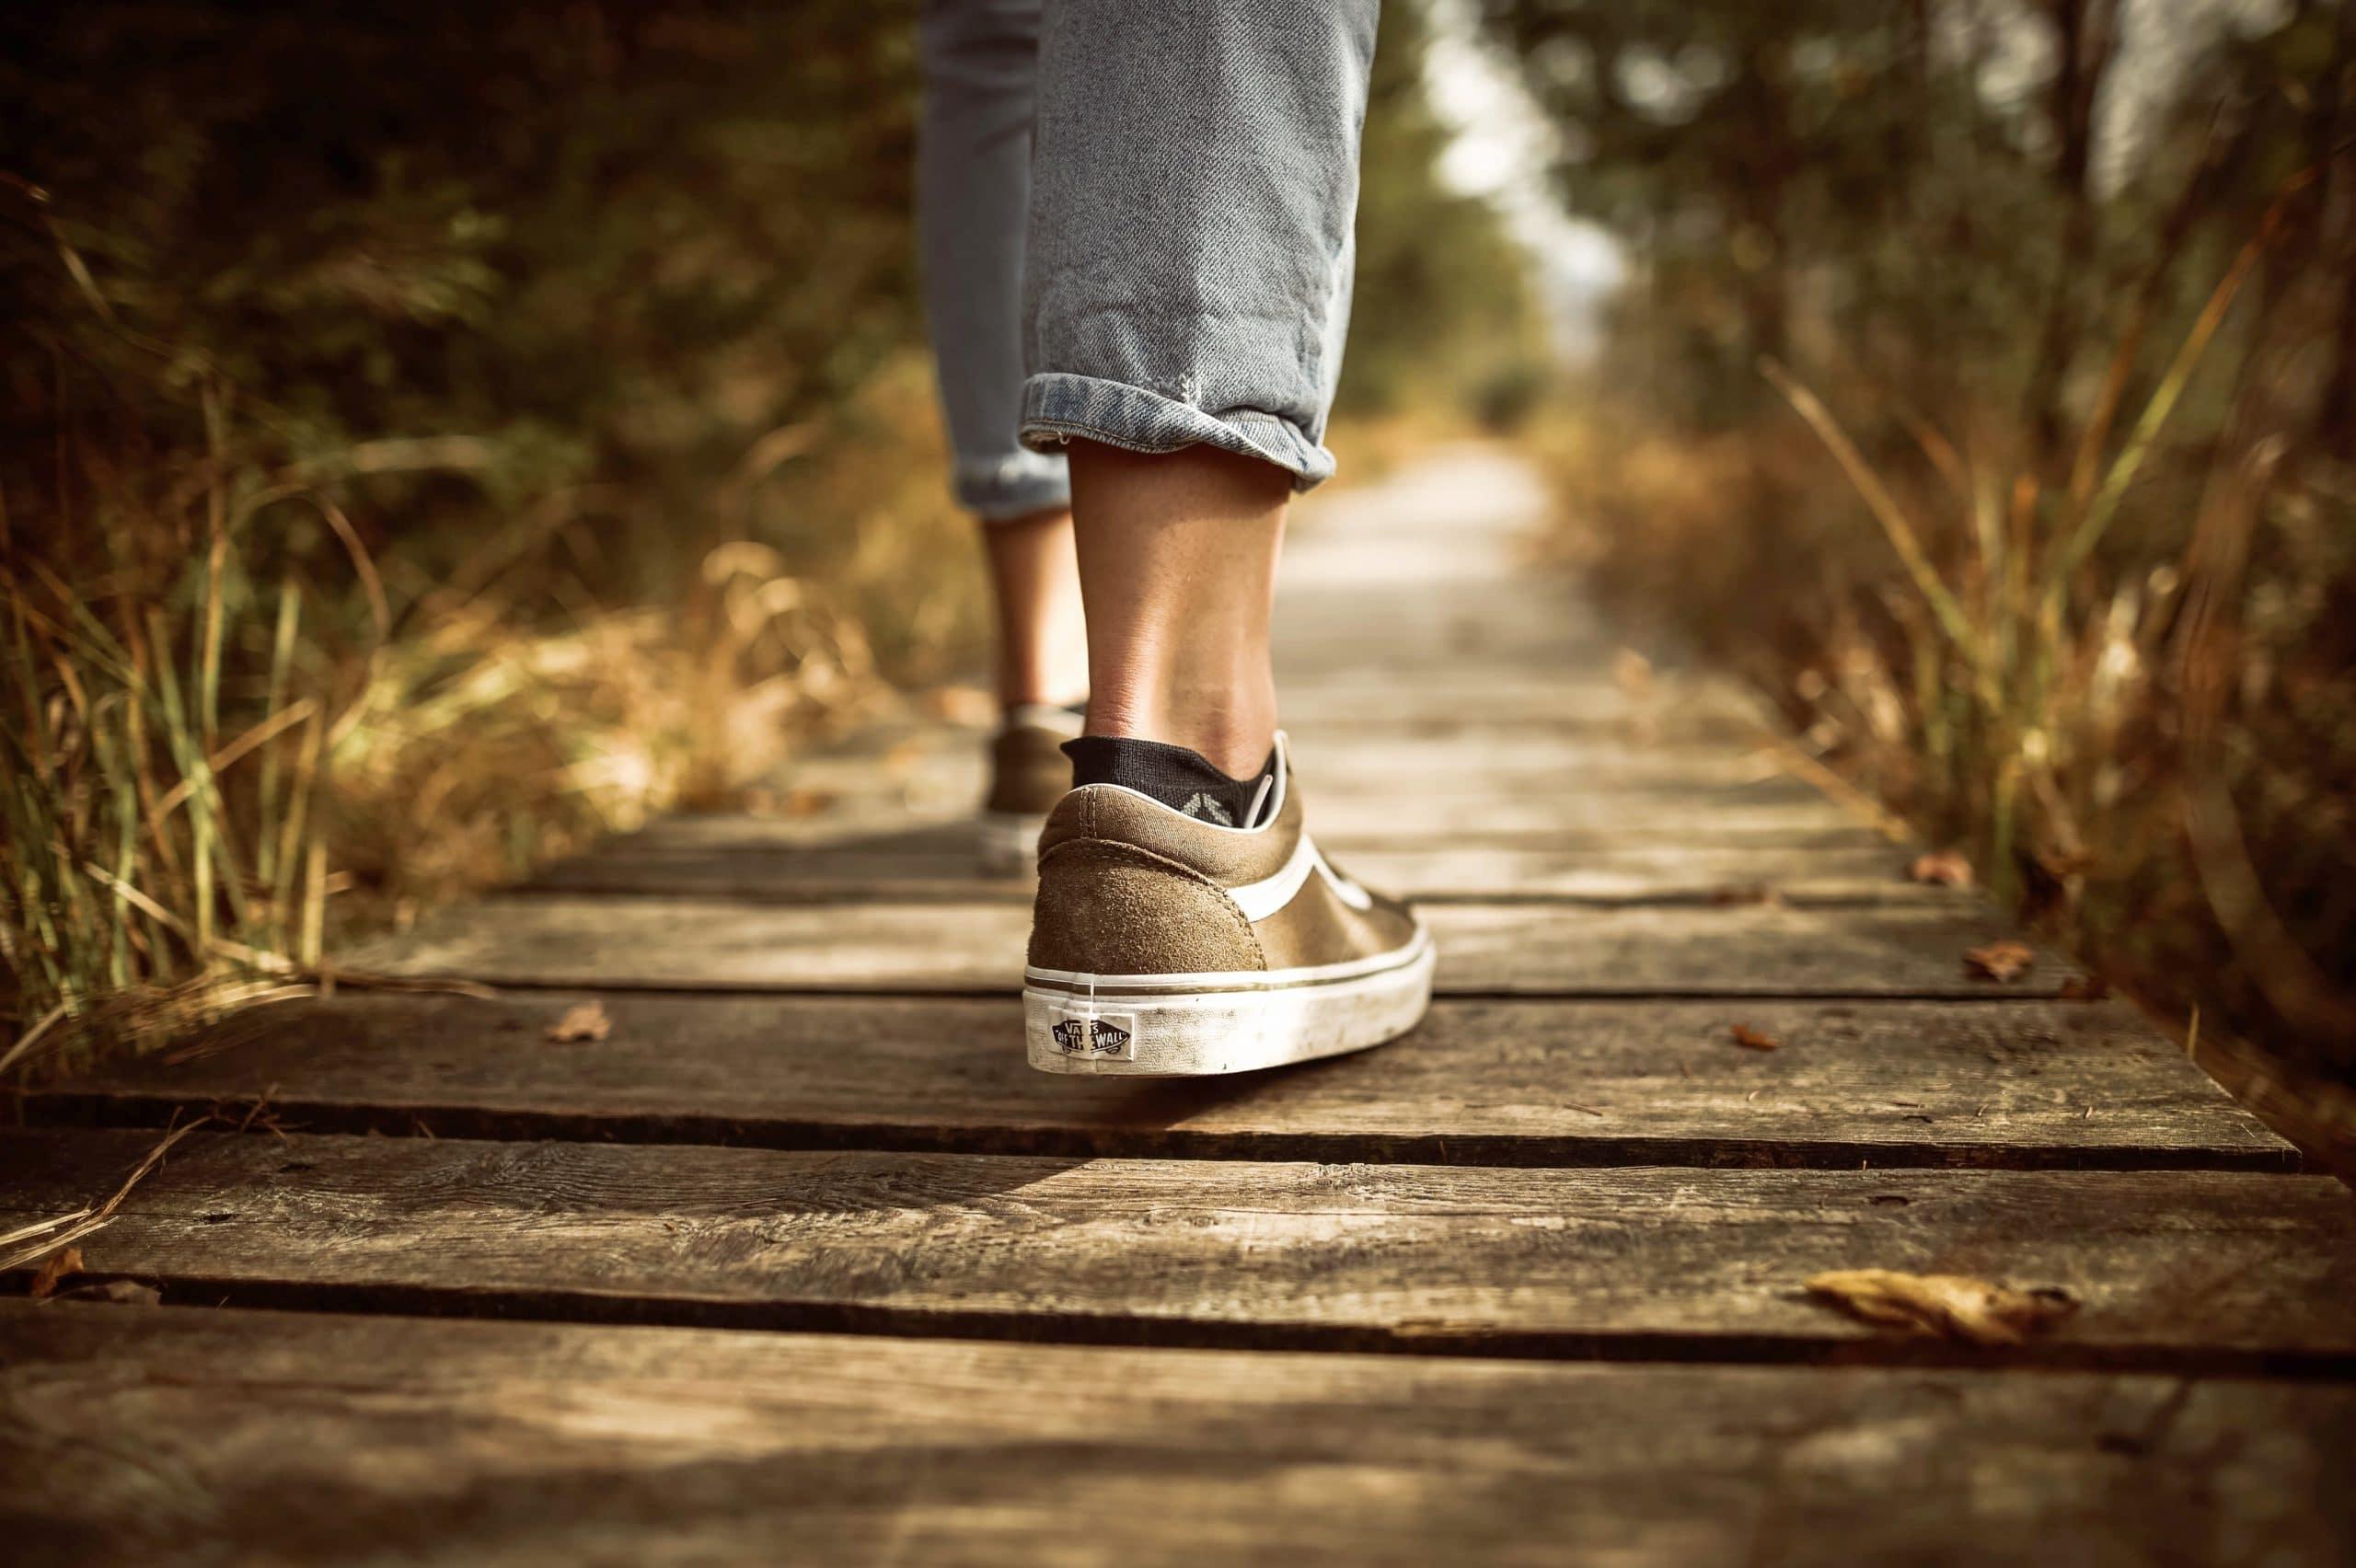 Pés andando sobre um caminho de madeira cercado pela natureza.